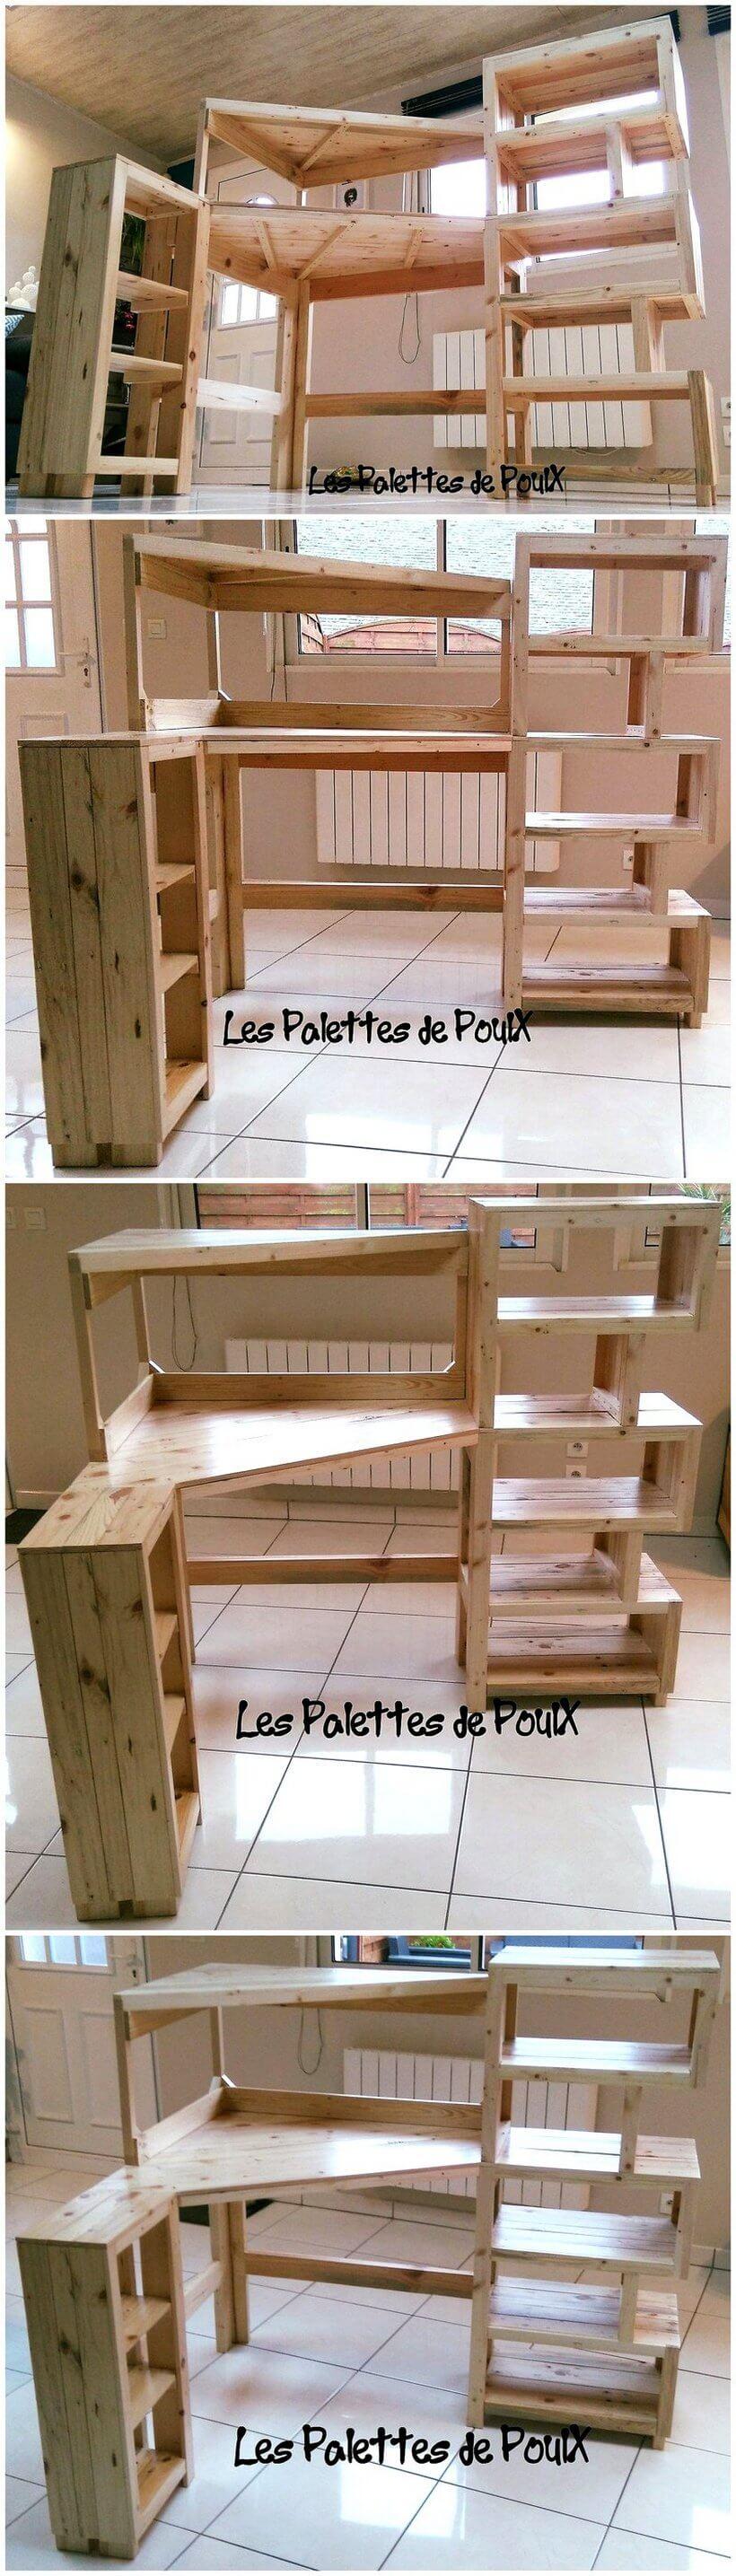 multipurpose pallet shelving cabinet